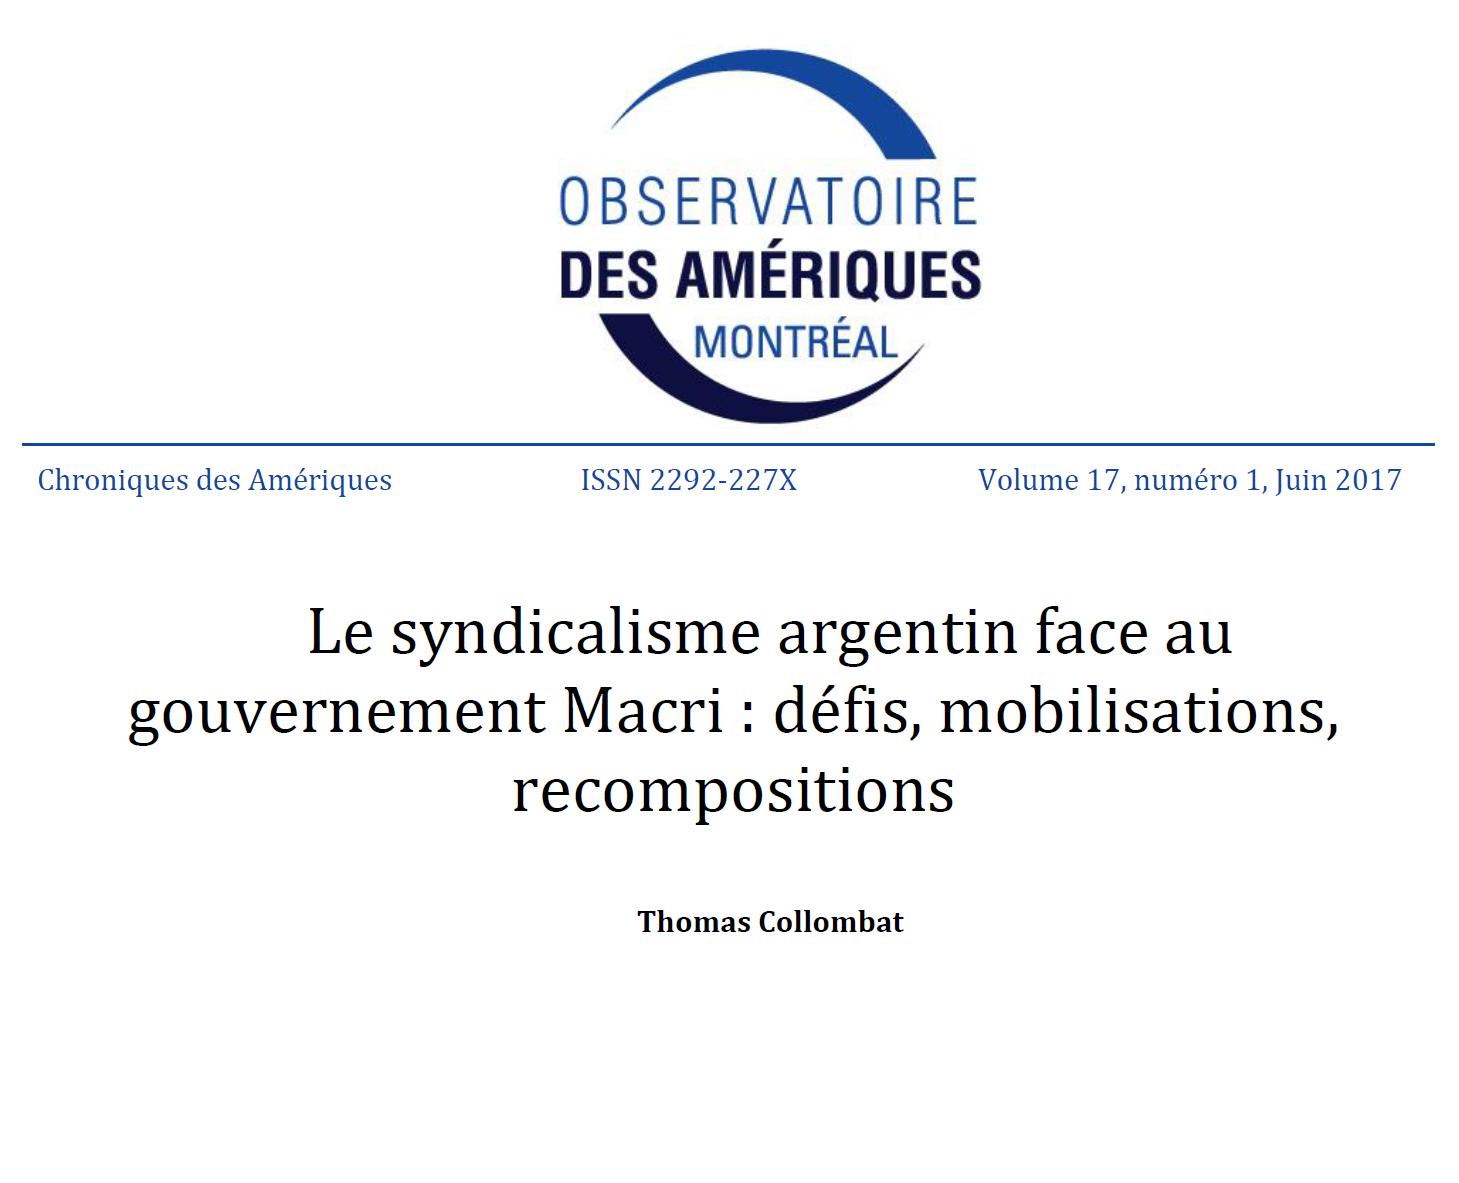 Le syndicalisme argentin face au gouvernement Macri: défis, mobilisations, recompositions